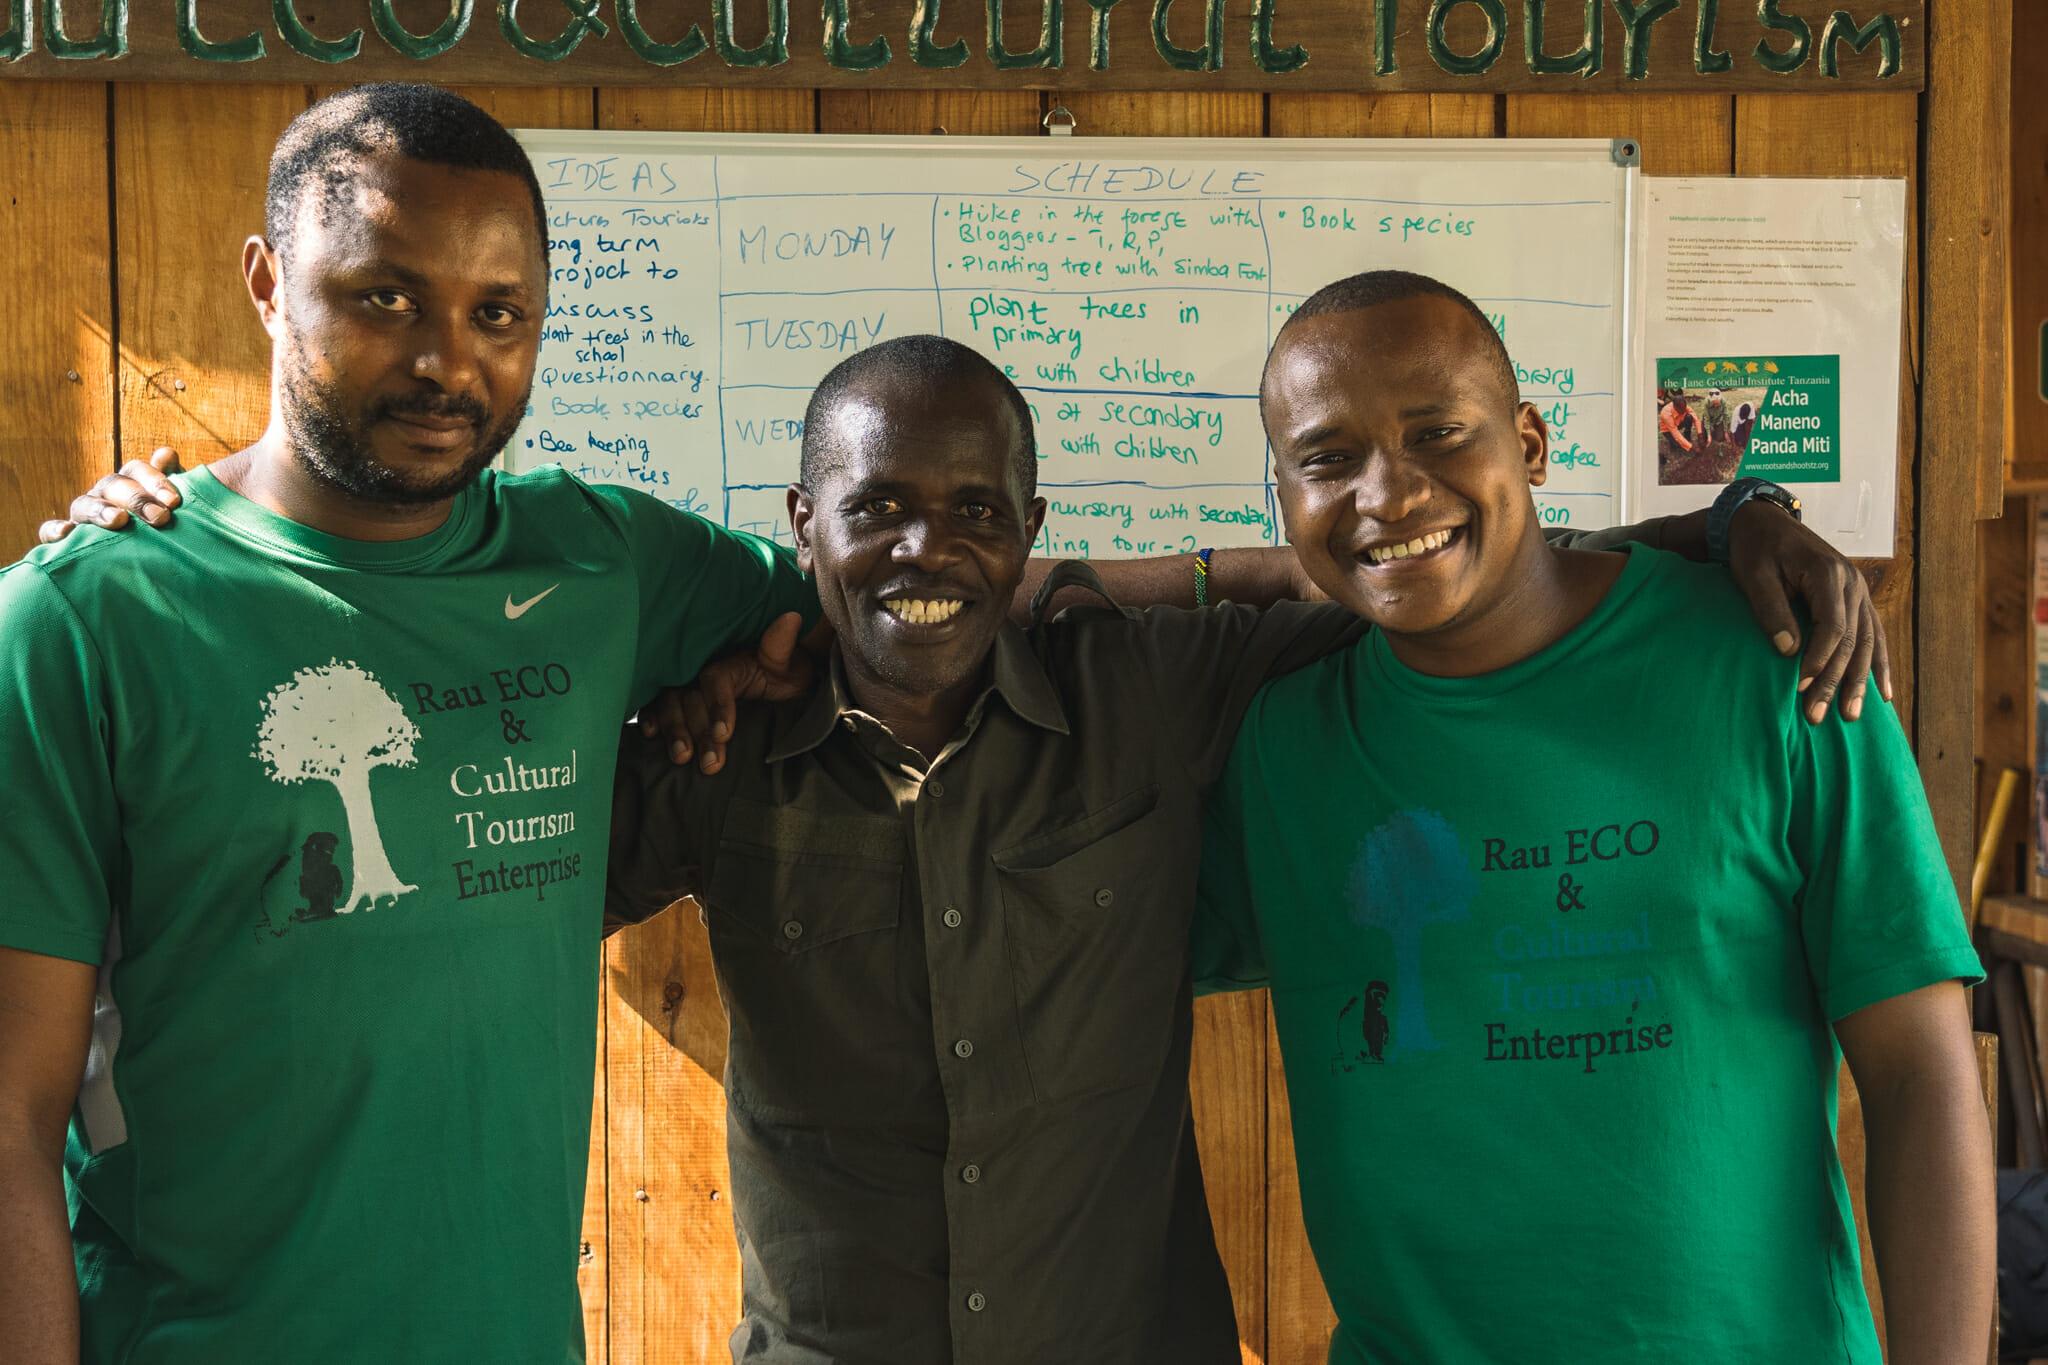 Les fondateurs et guides de Rau Forest Eco Aventure à Arusha en Tanzanie